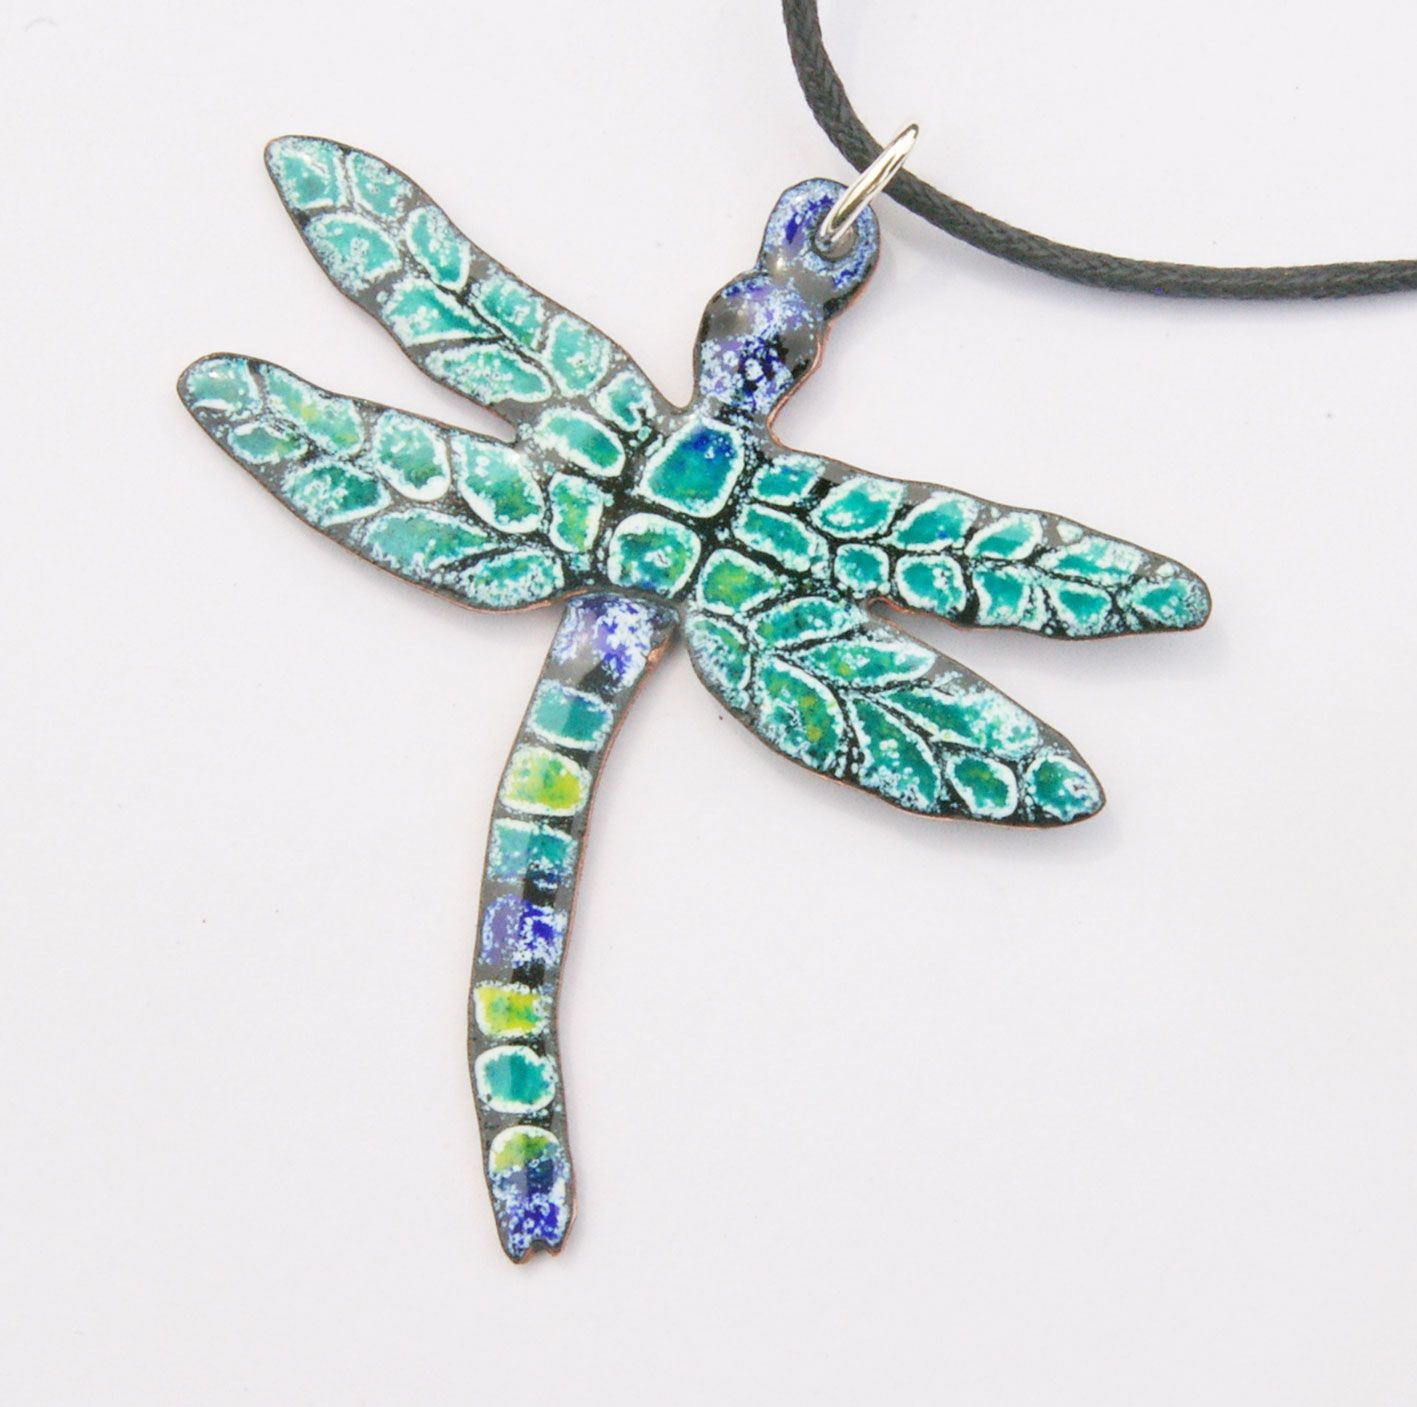 Dragonfly-Bl_Tq-CU-R